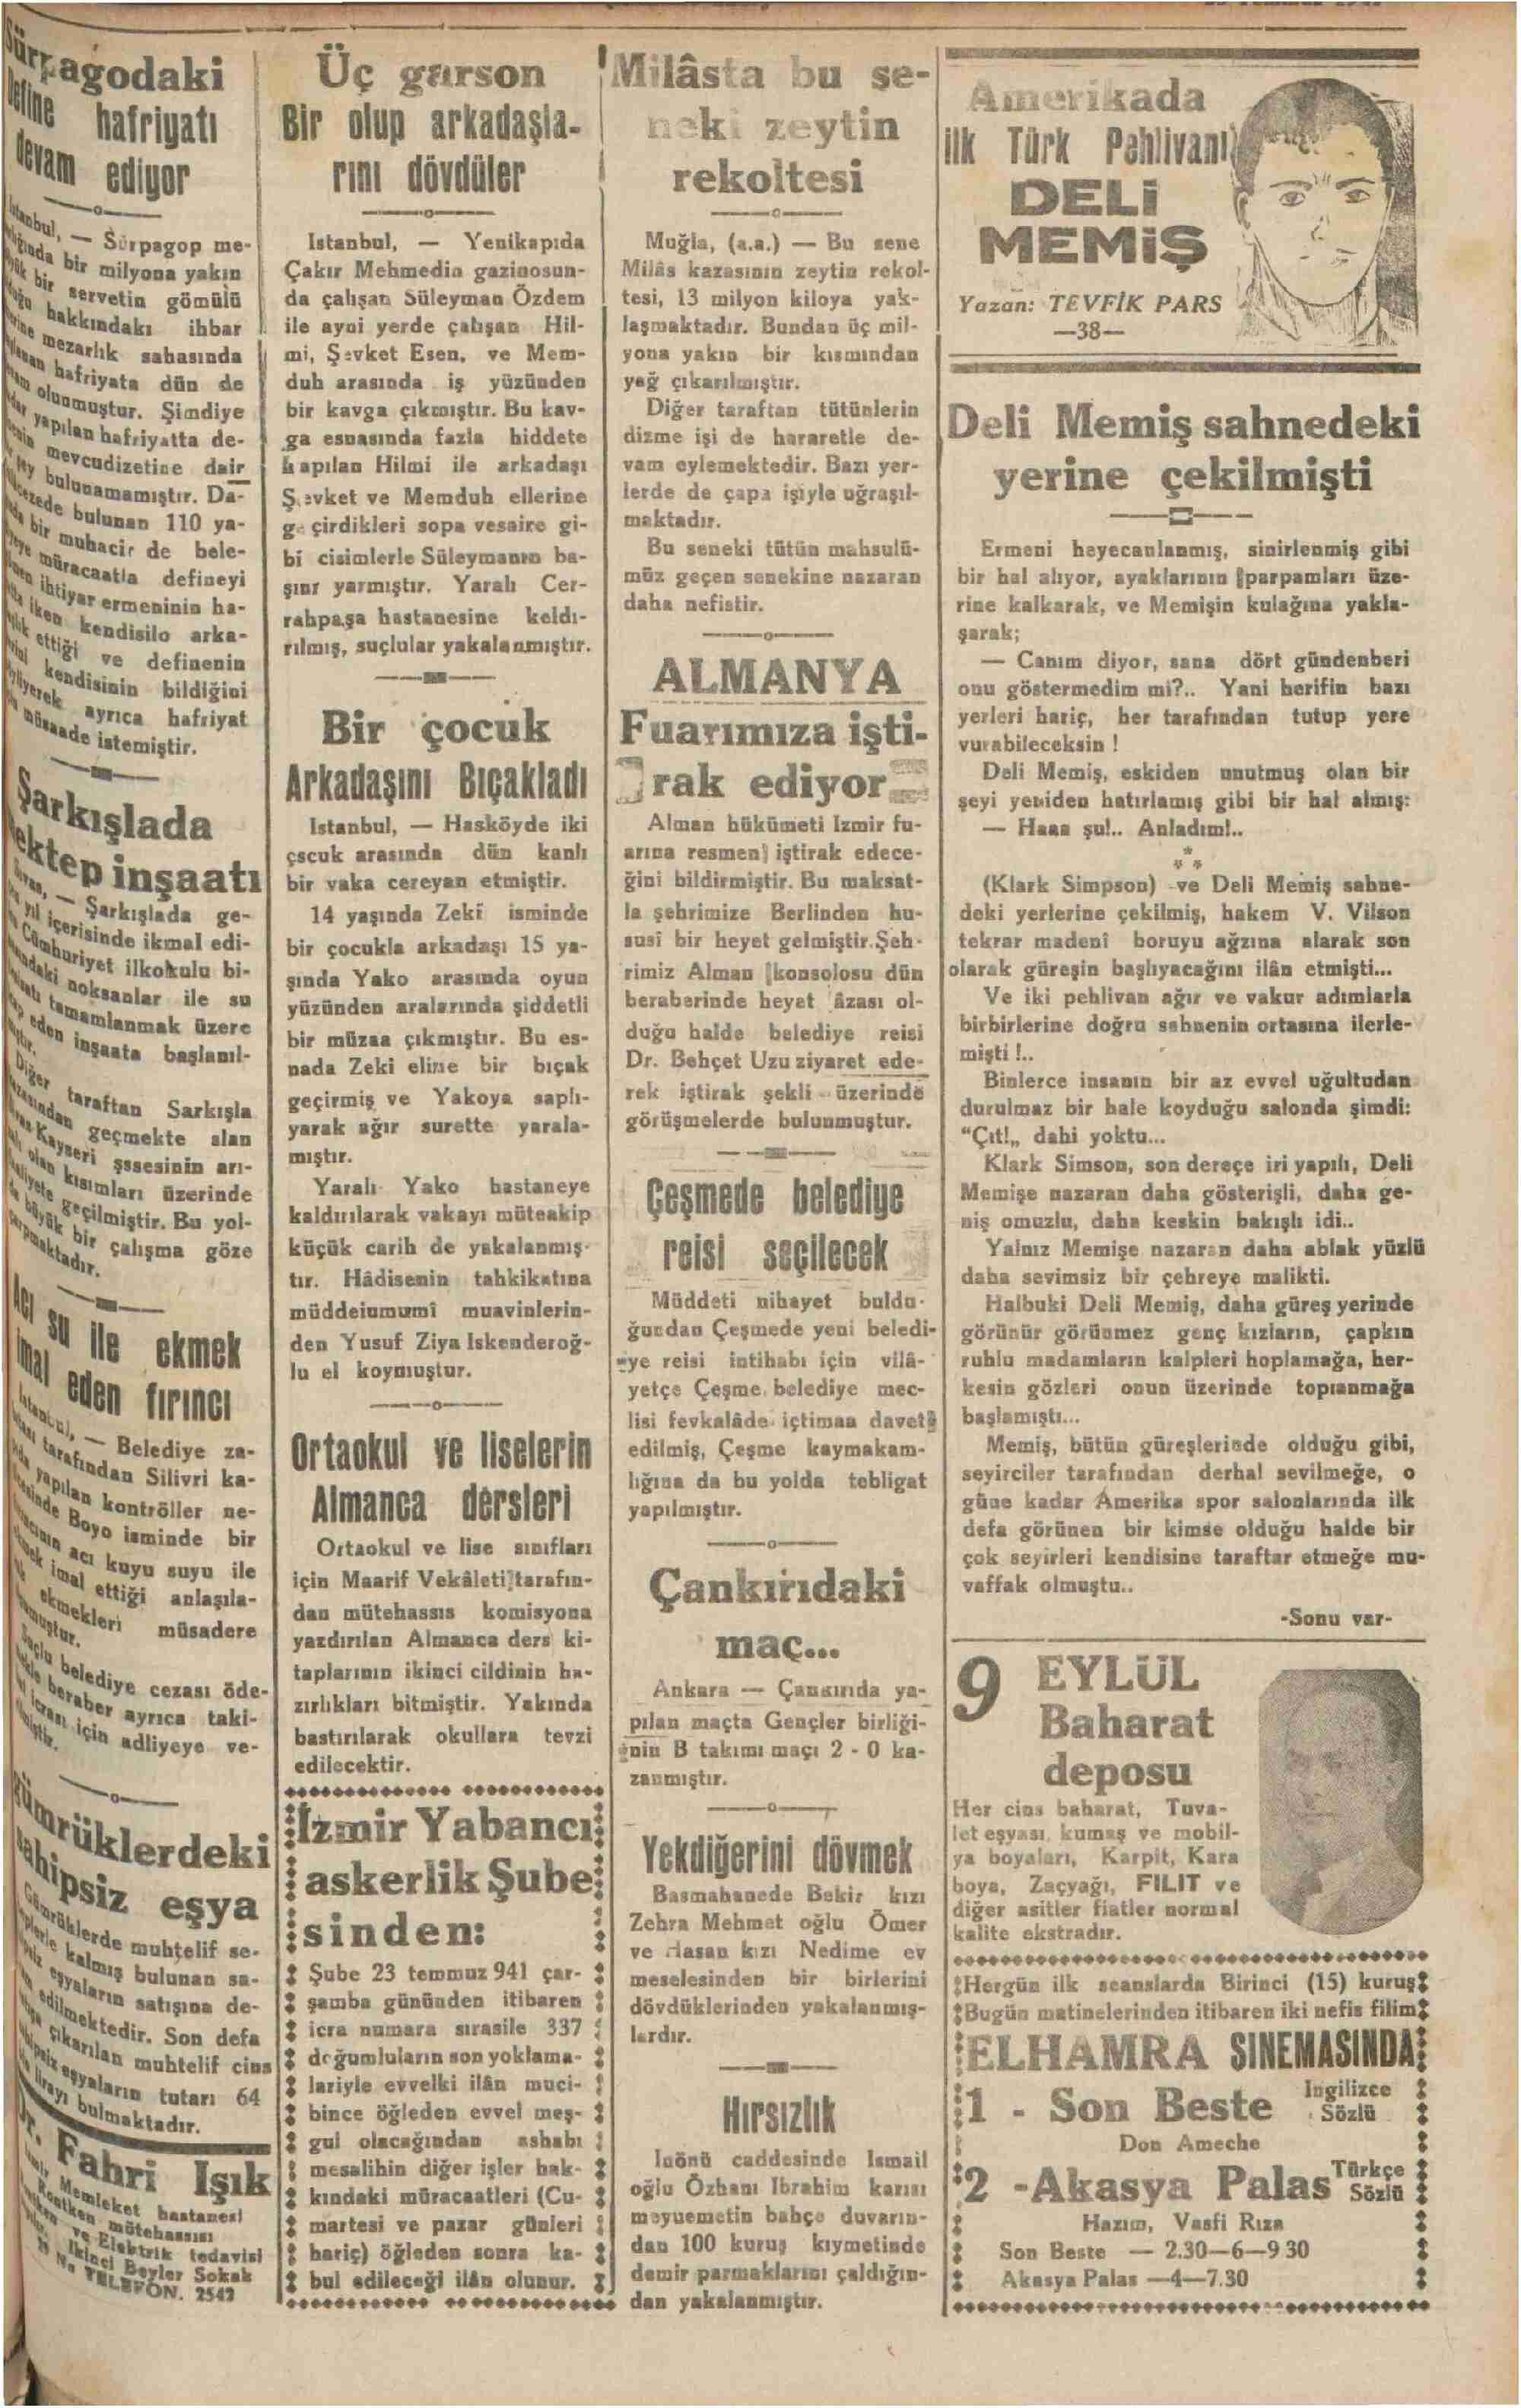 23 Temmuz 1941 Tarihli Halkın Sesi Gazetesi Sayfa 3